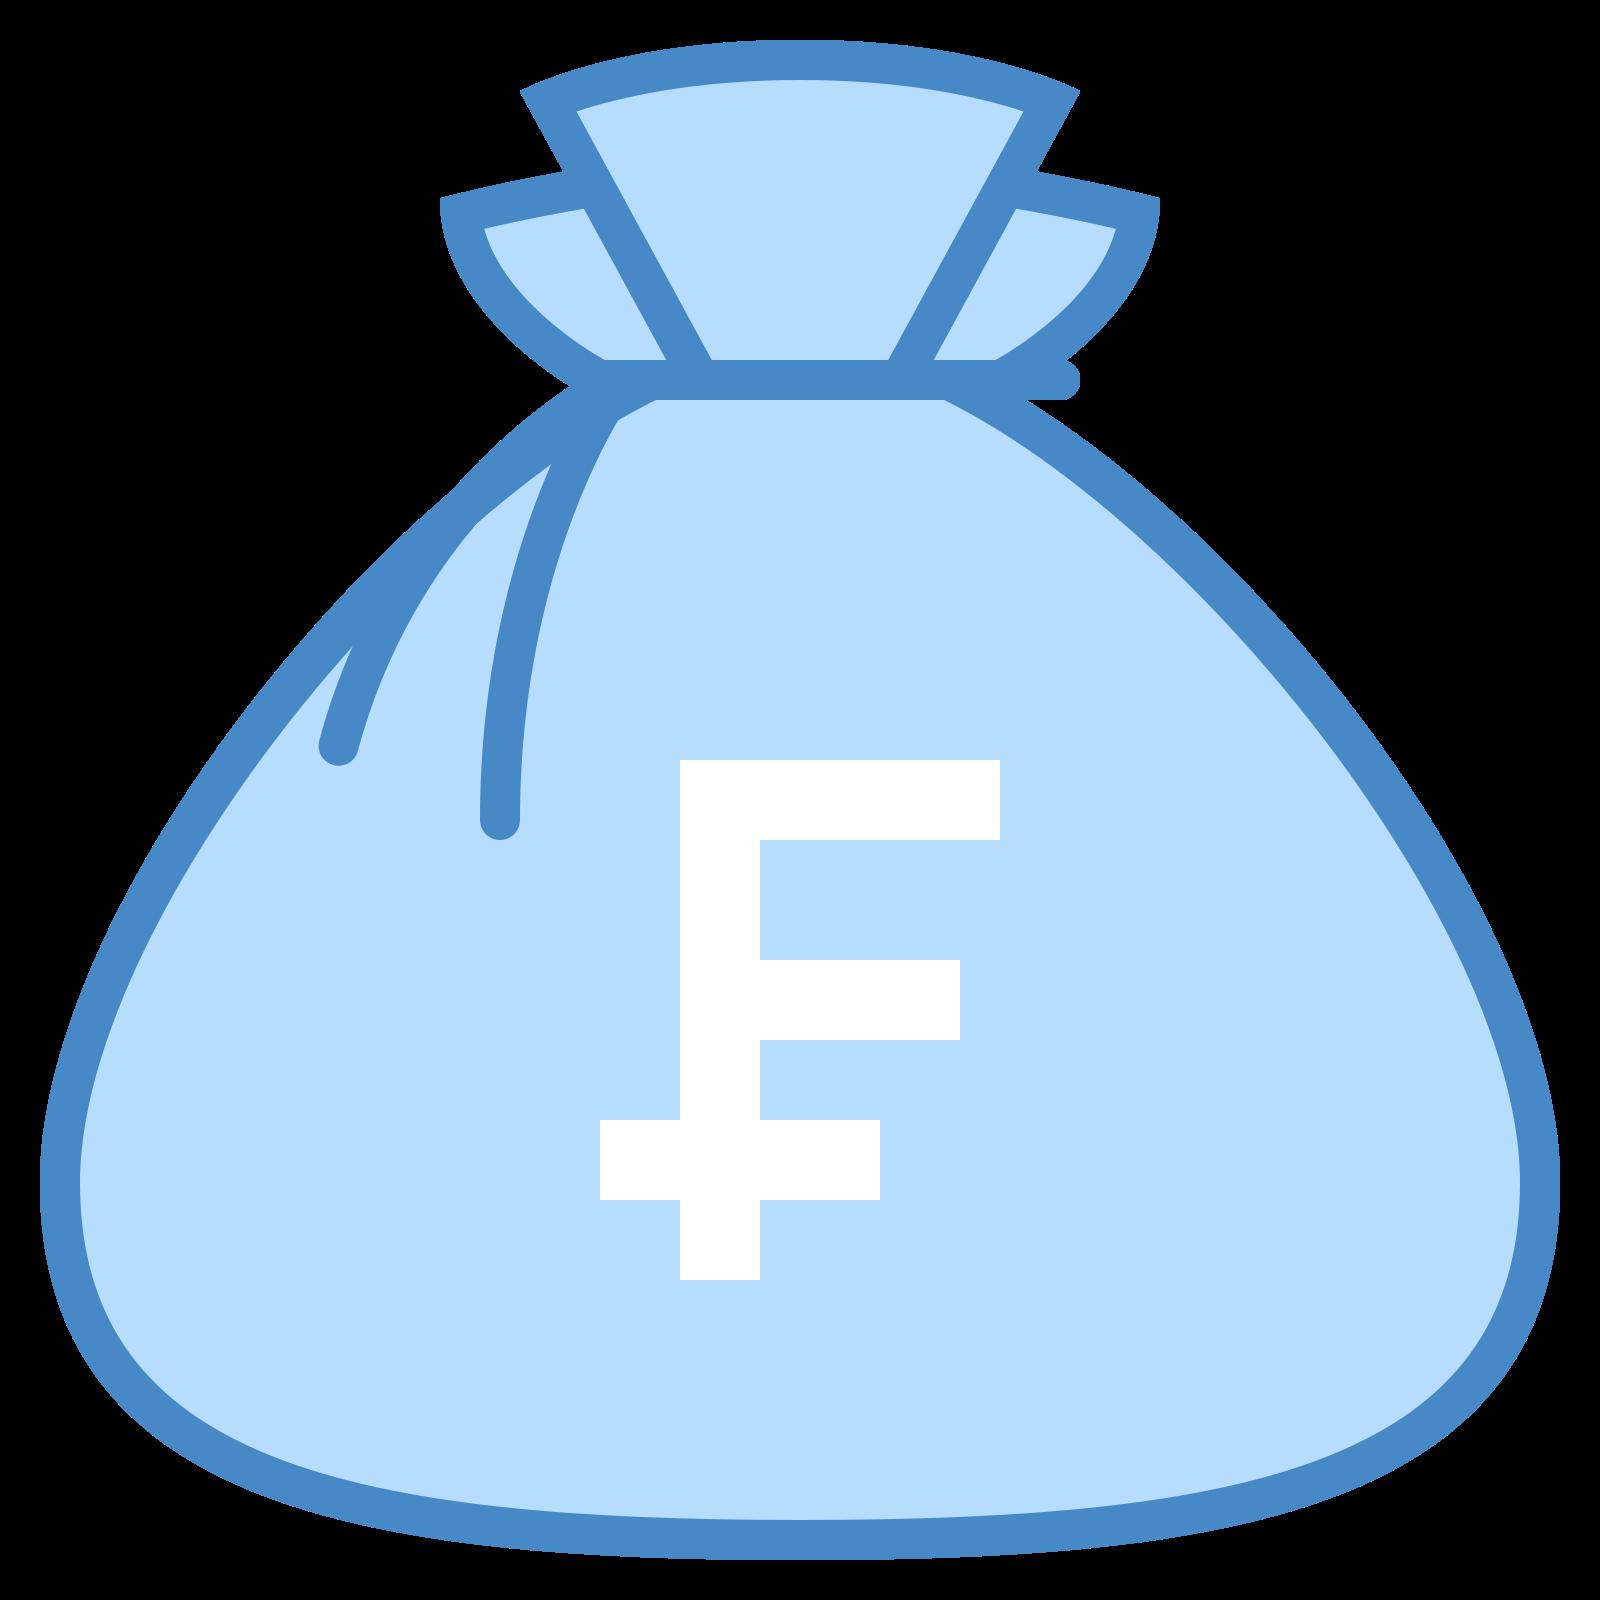 Capital icon